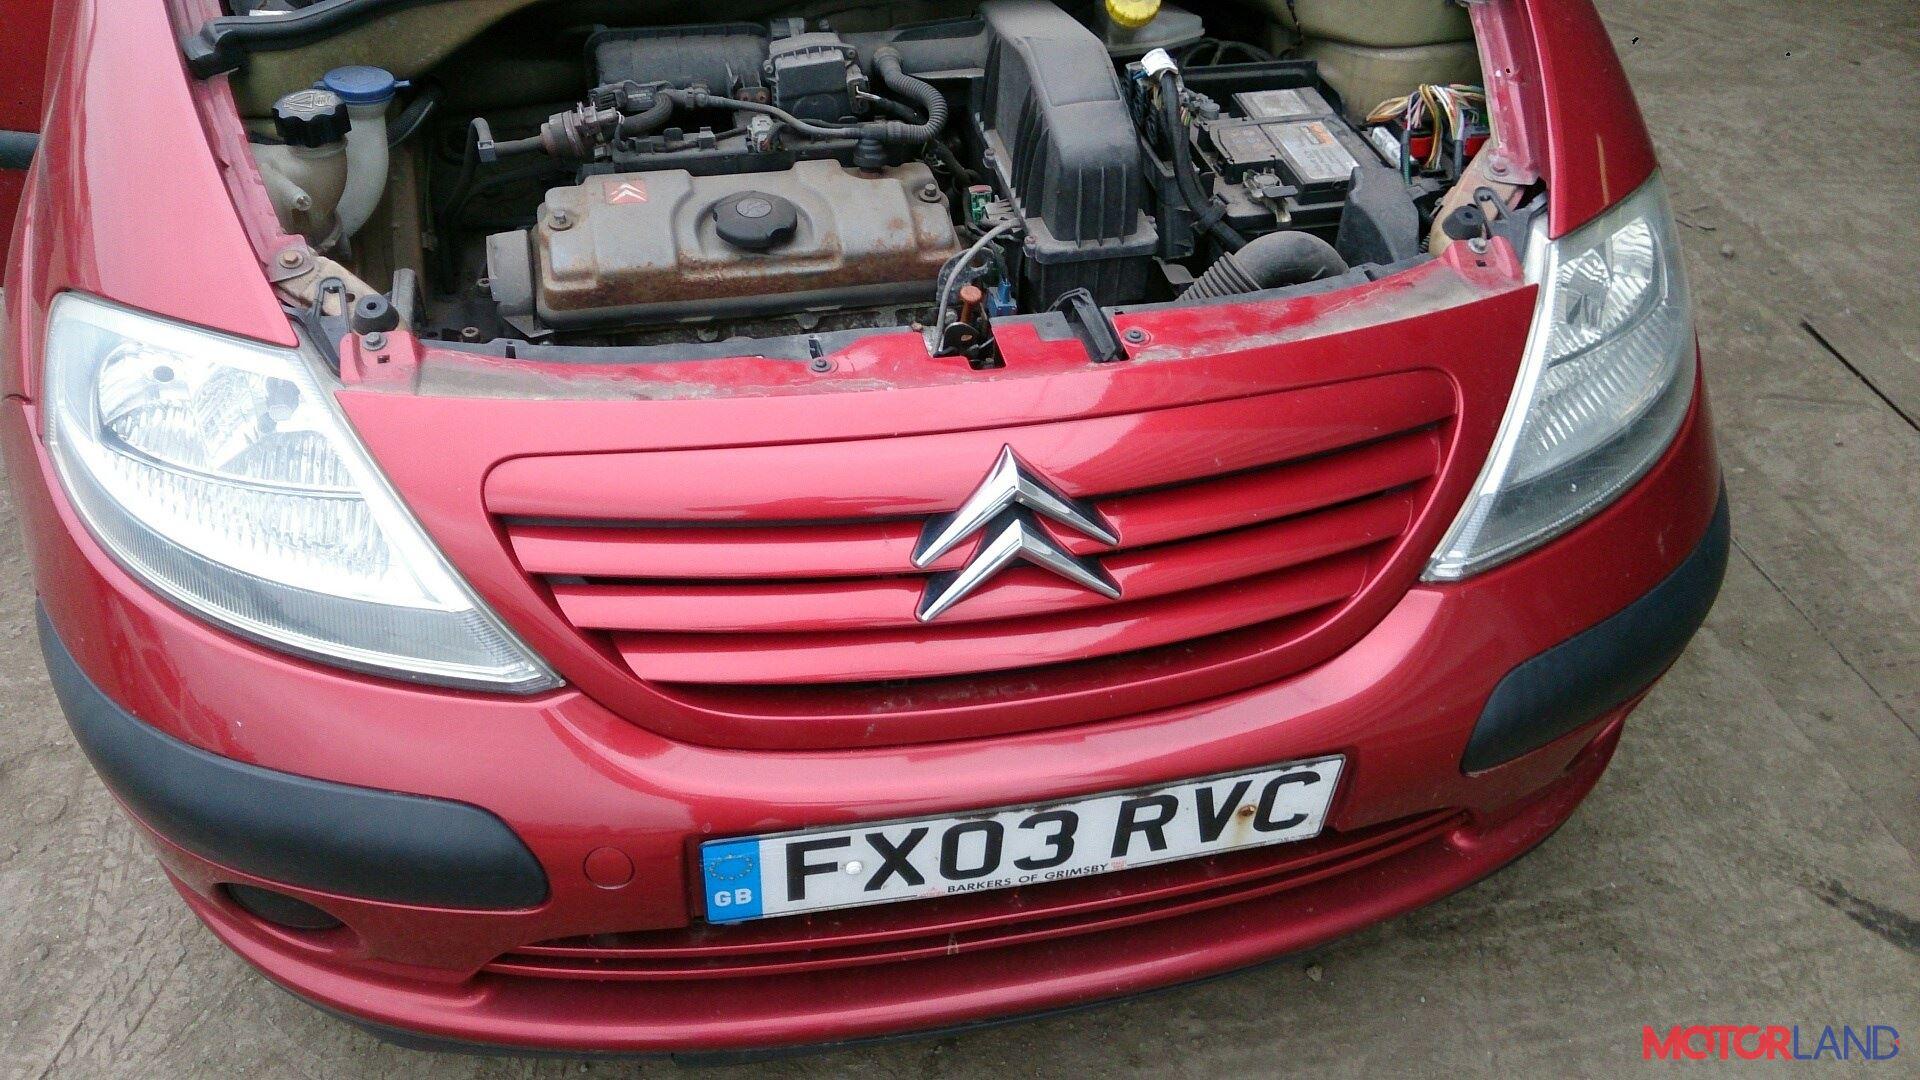 Citroen C3 2002-2009 1.4 литра Бензин Инжектор, разборочный номер T12139 #1